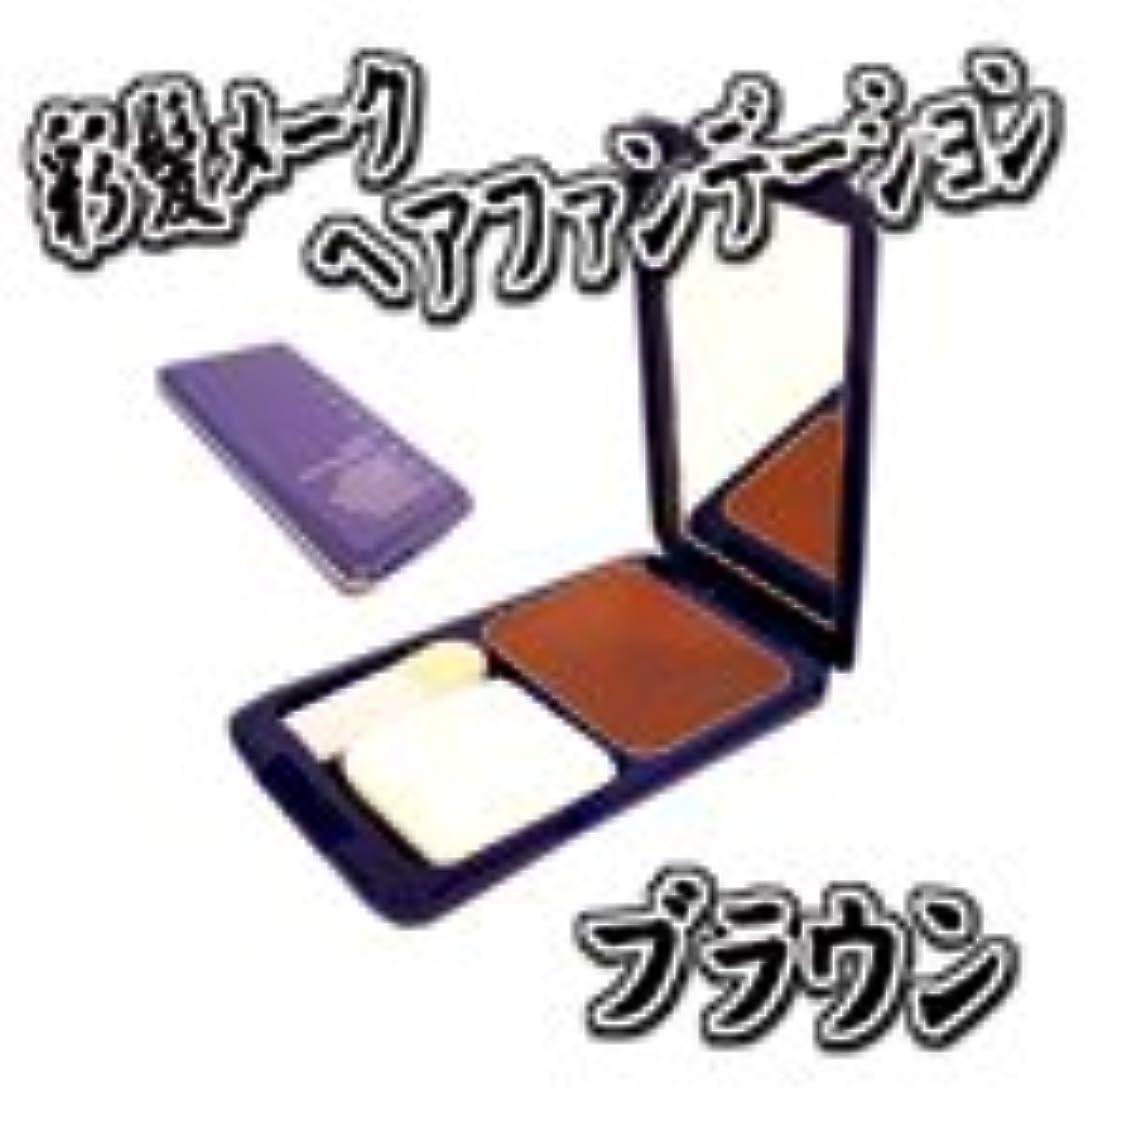 推定給料ワックスジュモン 彩髪メーク ファンデーション 【ブラウン】 白髪隠し コンパクトタイプ